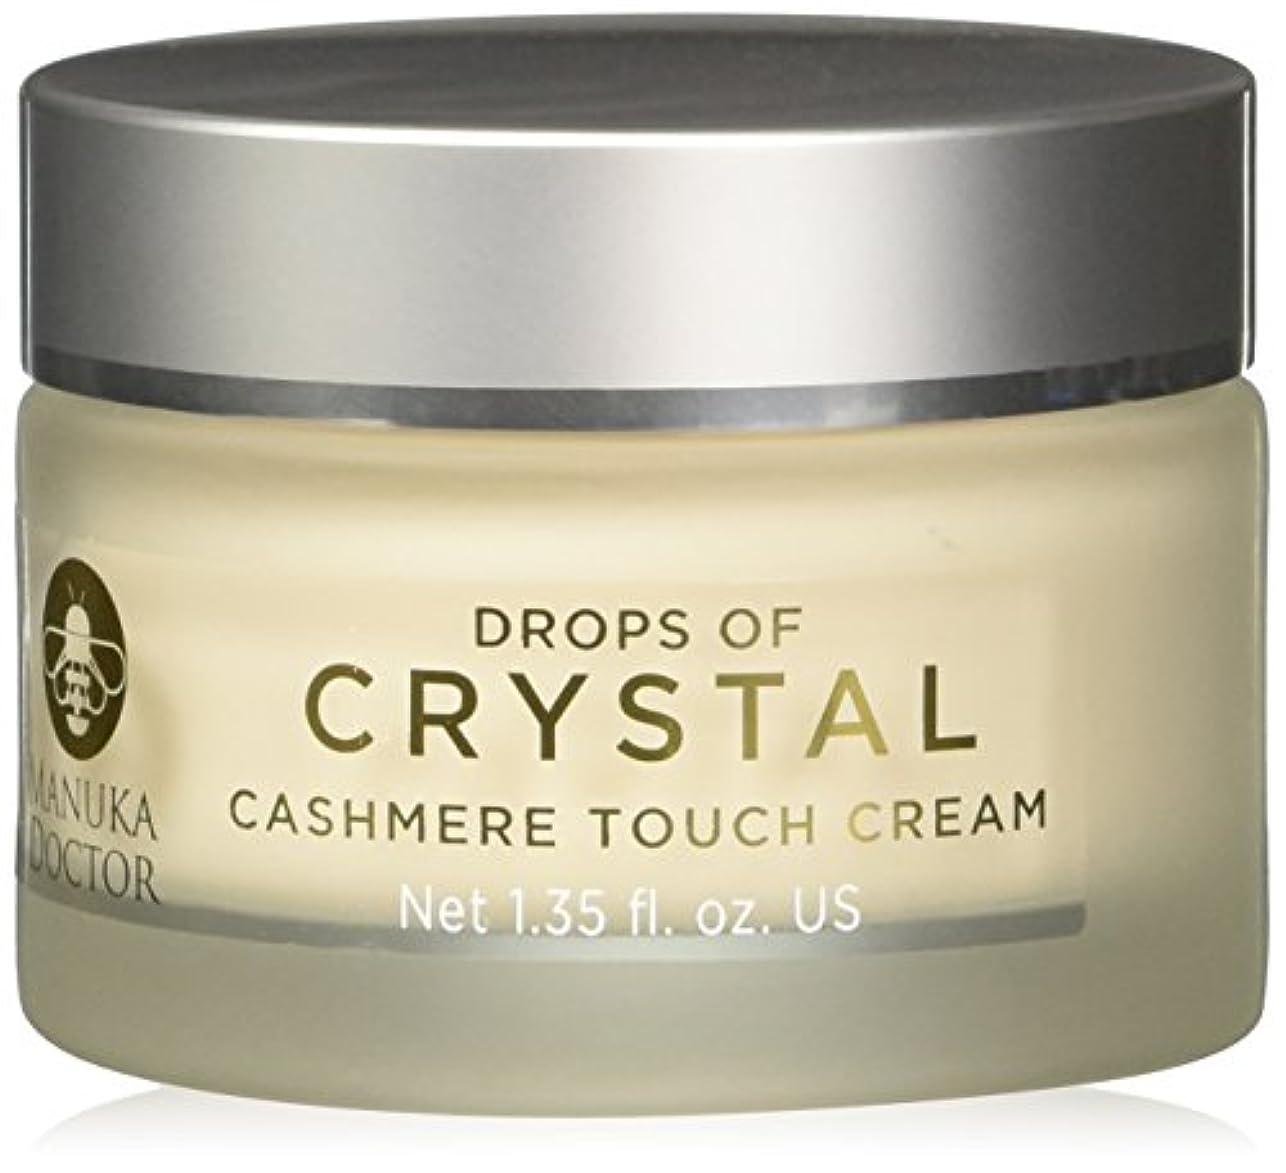 準備マインドフルバルコニー((マヌカドクター)ドロップスオブクリスタル?カシミアタッチクリーム40ml)(DropsOfCrystal)Cashmere Touch Cream 40ml